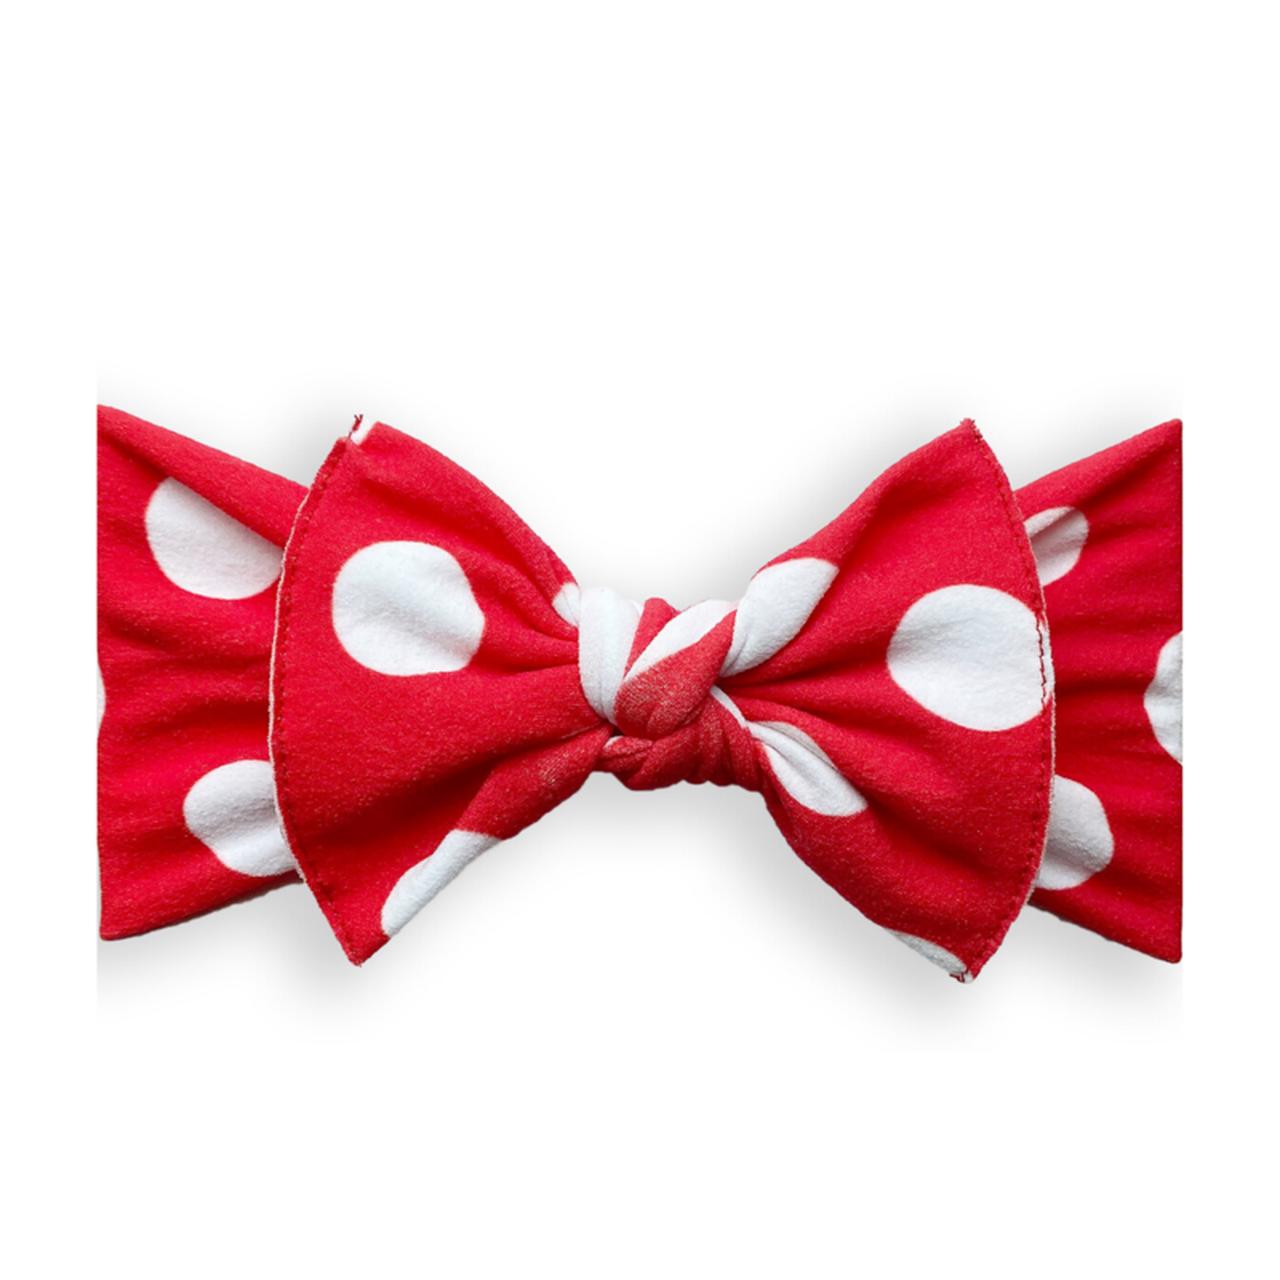 Baby Bling Bows Printed Knot : Red Polka Dot